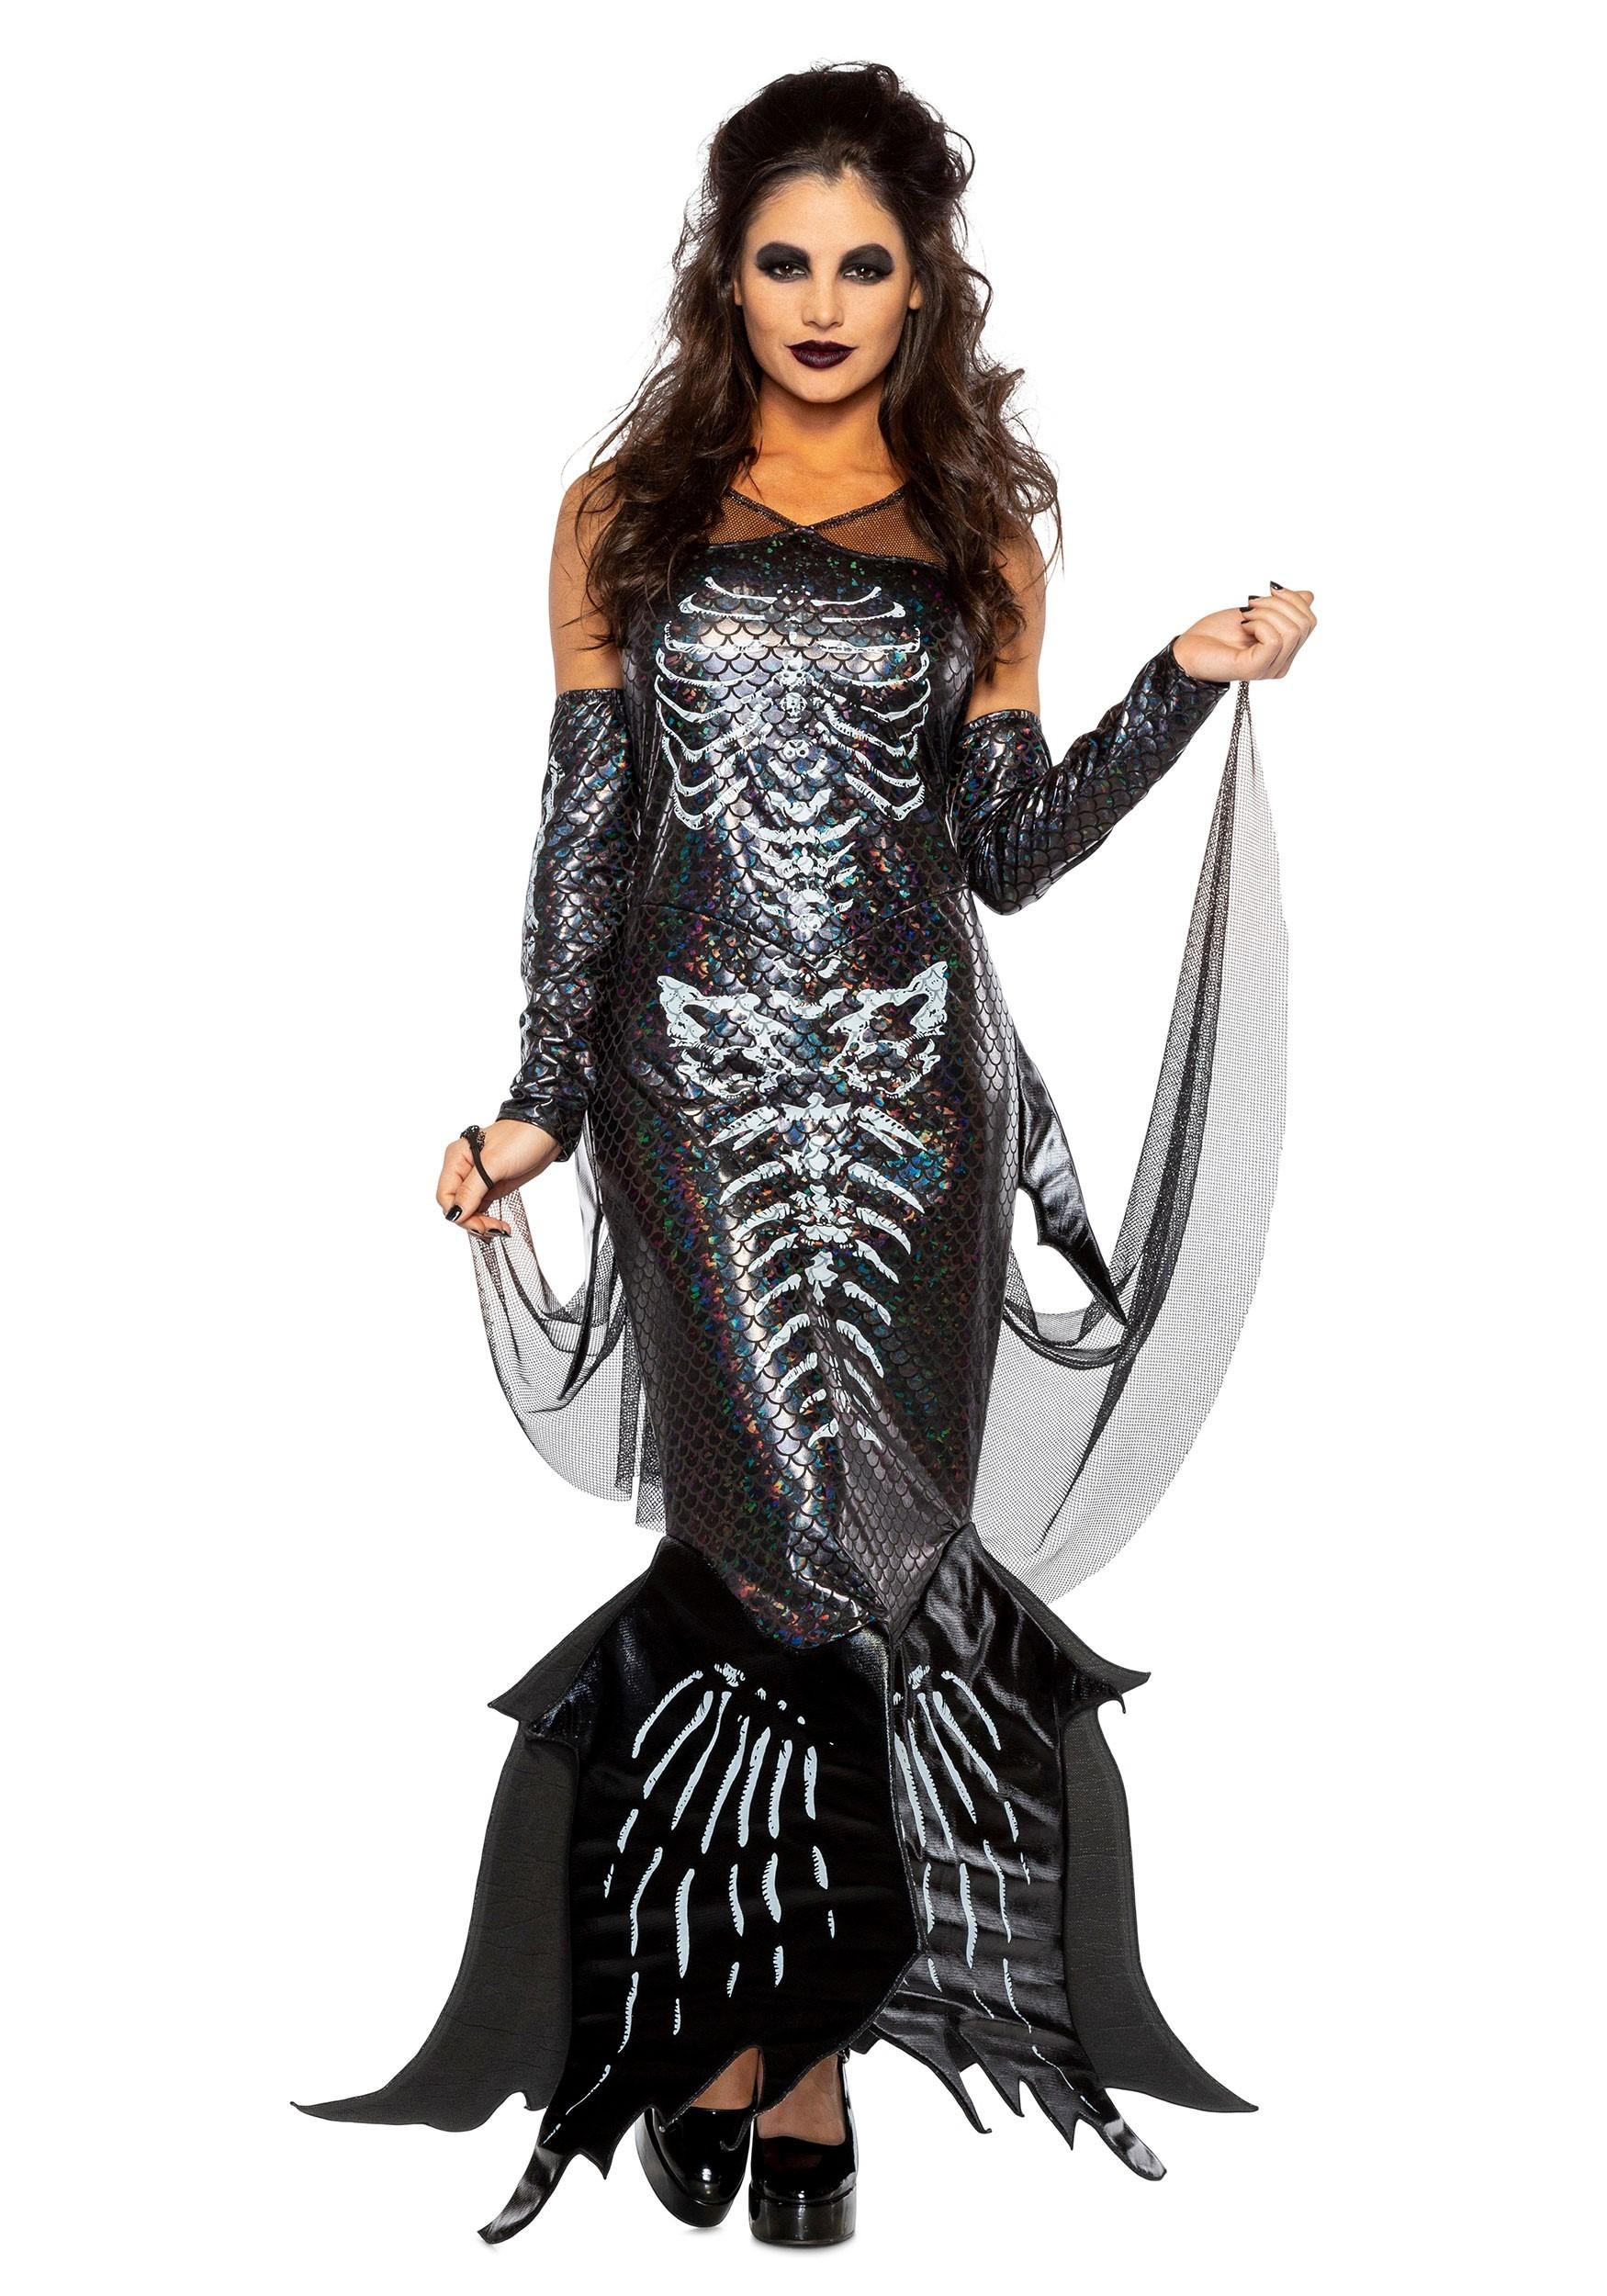 Glamour Skeleton Mermaid Costume for Women